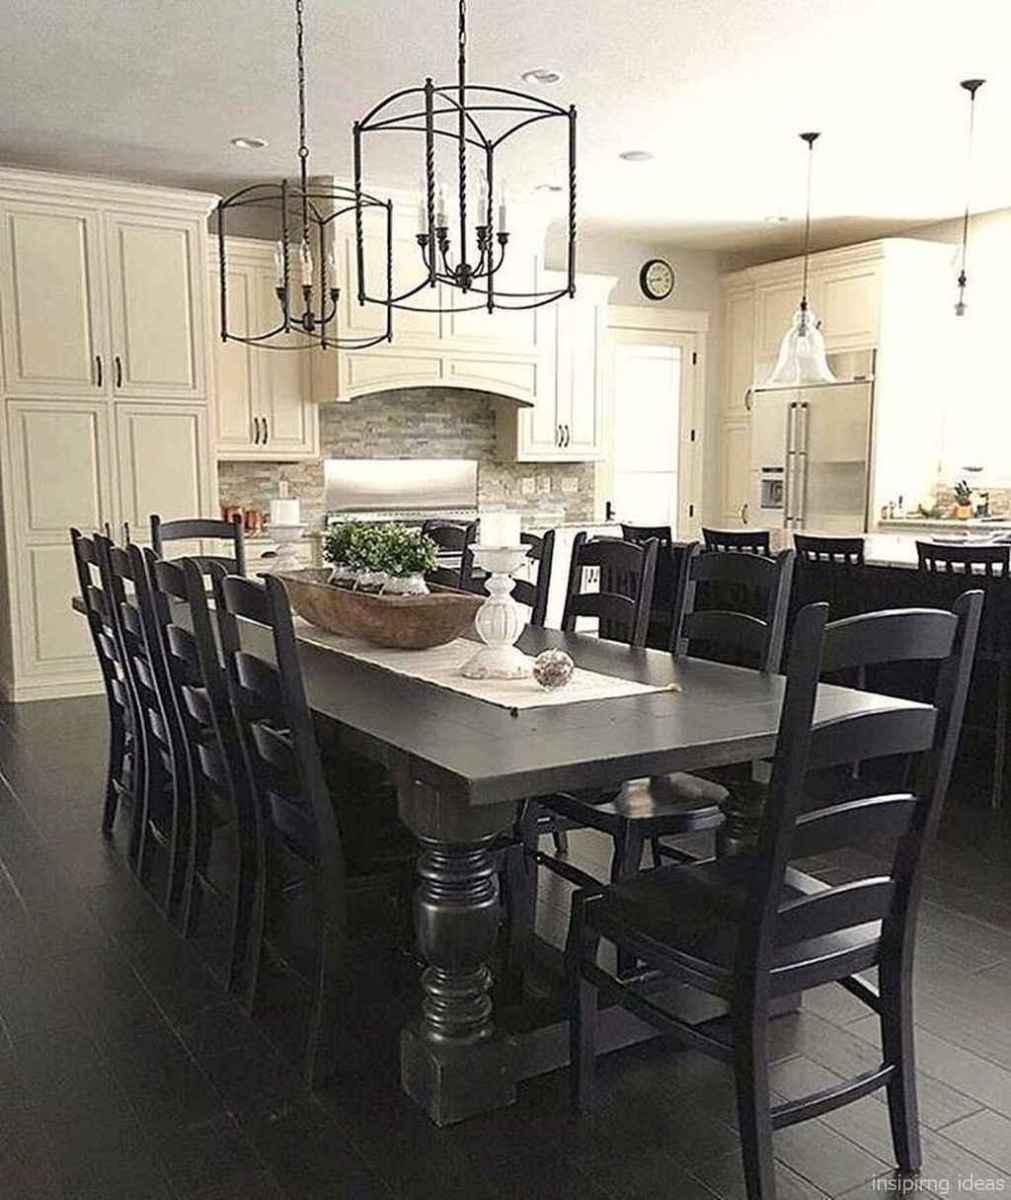 Awesome farmhouse kitchen table design ideas 12